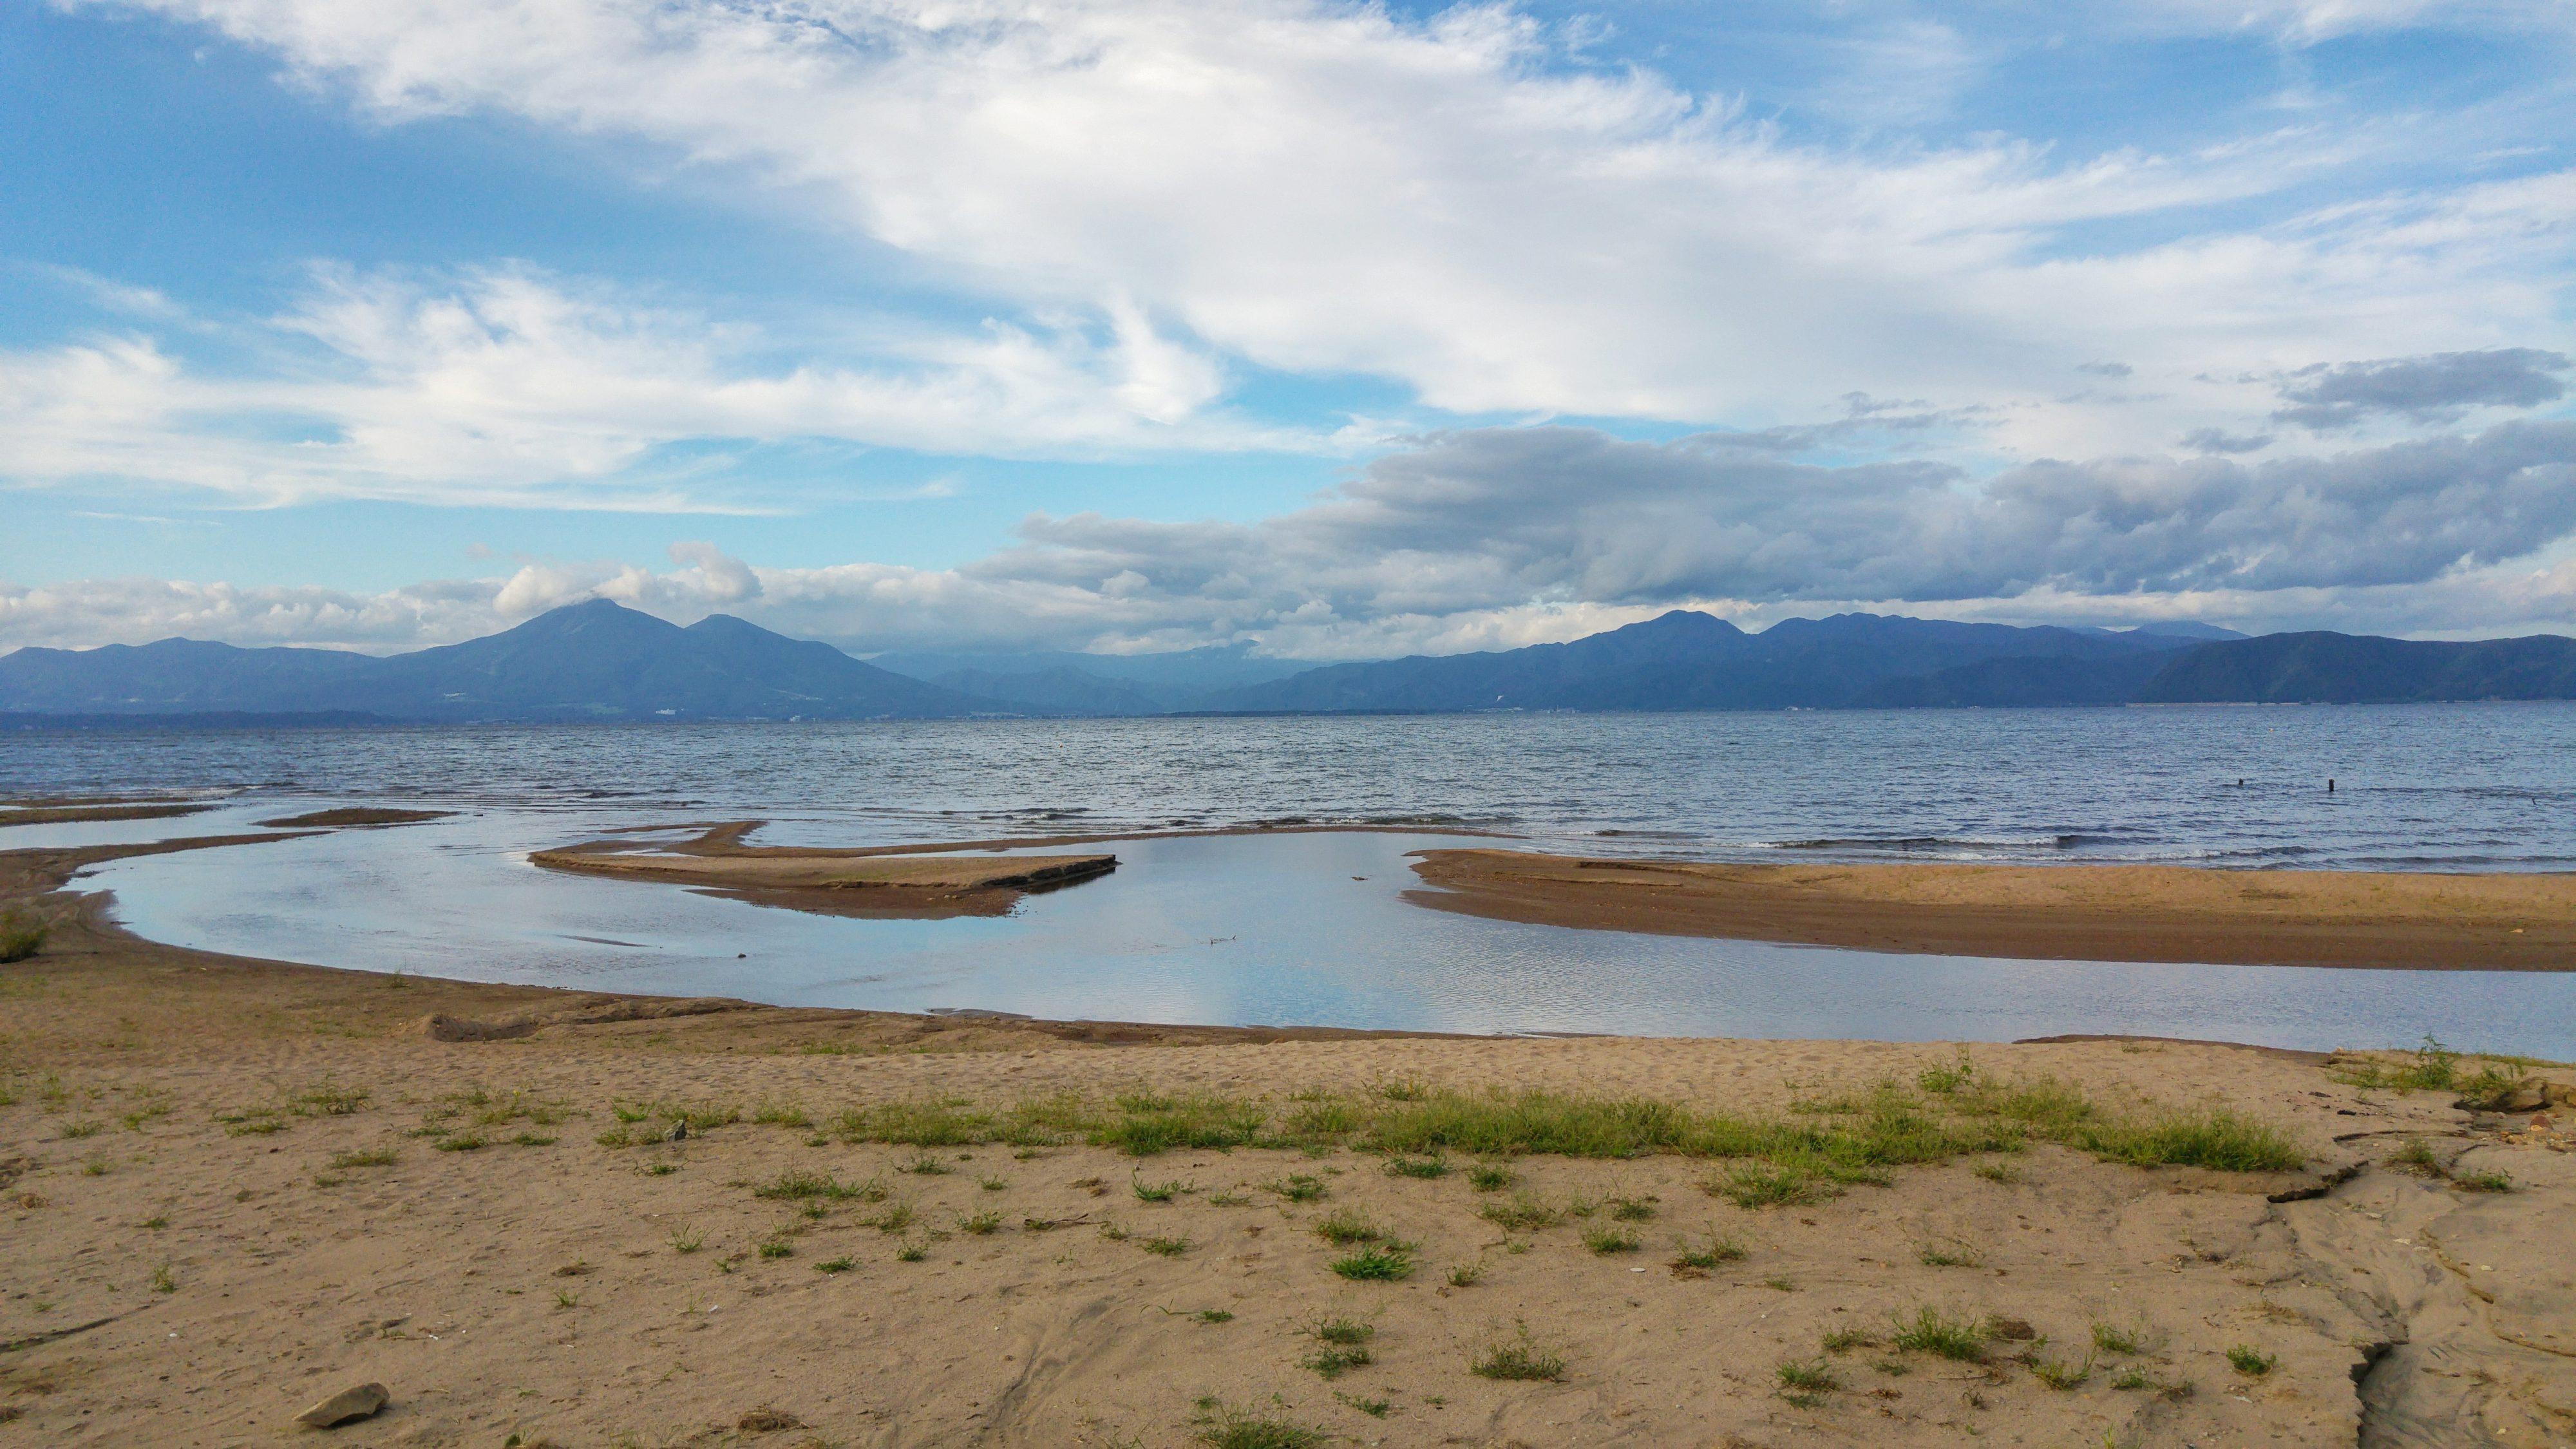 Le Mont Bandai et le lac Inawashiro